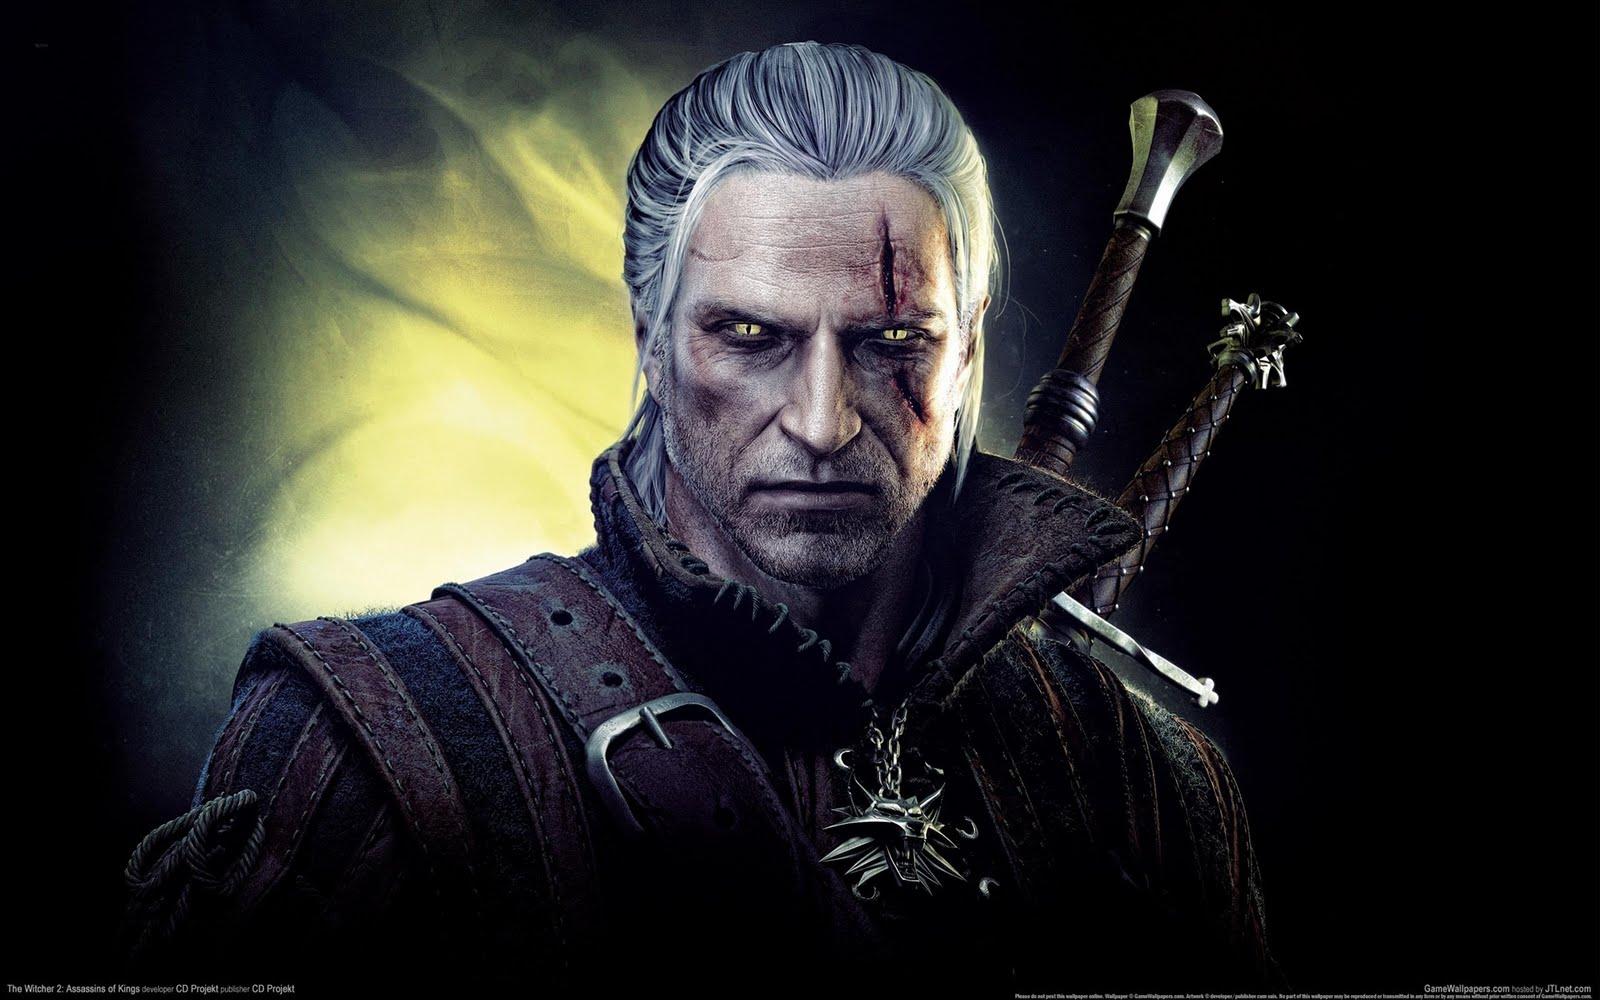 http://4.bp.blogspot.com/-hHP5a5LpRWo/Td86OU61D9I/AAAAAAAACdQ/eeaYieupdg0/s1600/The+Witcher+2+Assassins+of+Kings+Wallpapers%252C+Wallpaper+1920+1200.jpg